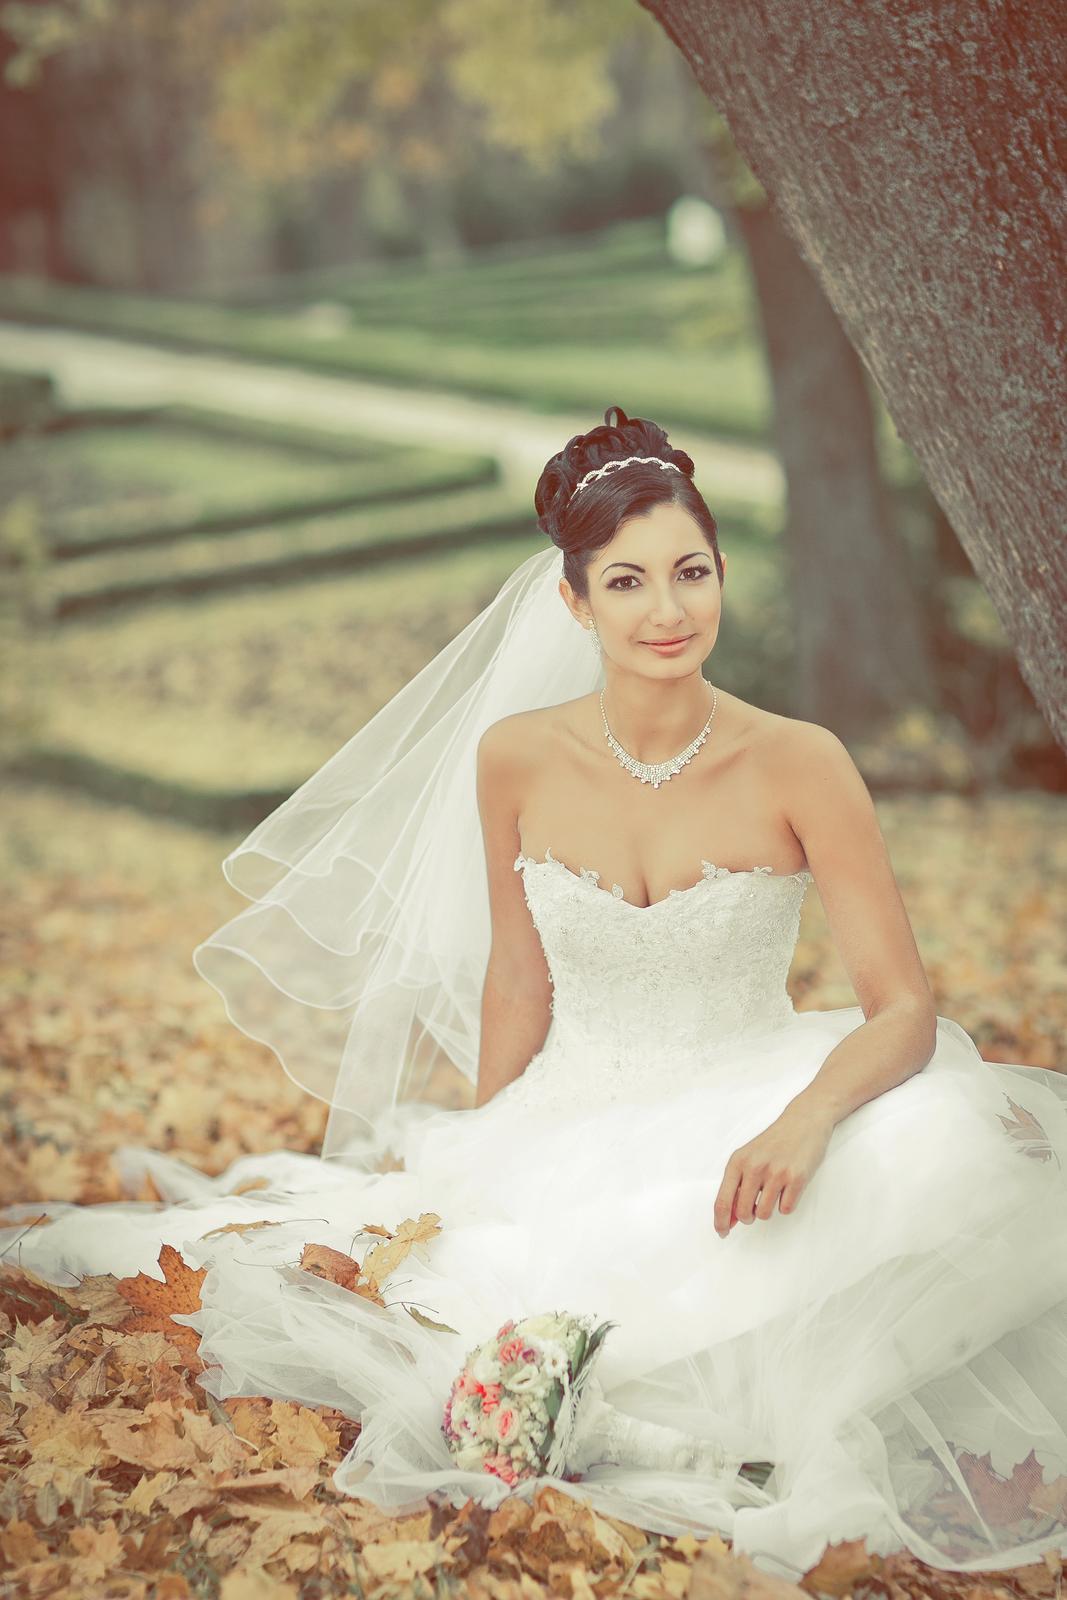 luxusné snehobiele svadobné šaty - Obrázok č. 1